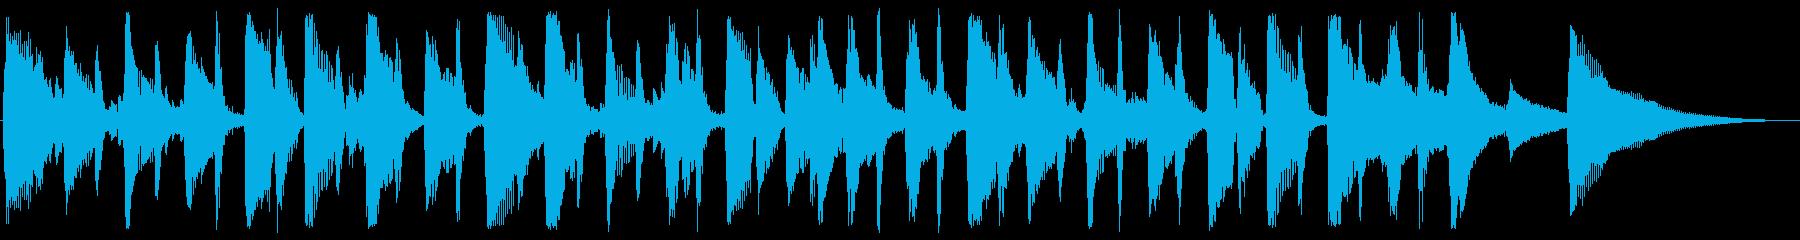 サラサラ ジャズ ほのぼの 幸せ ...の再生済みの波形